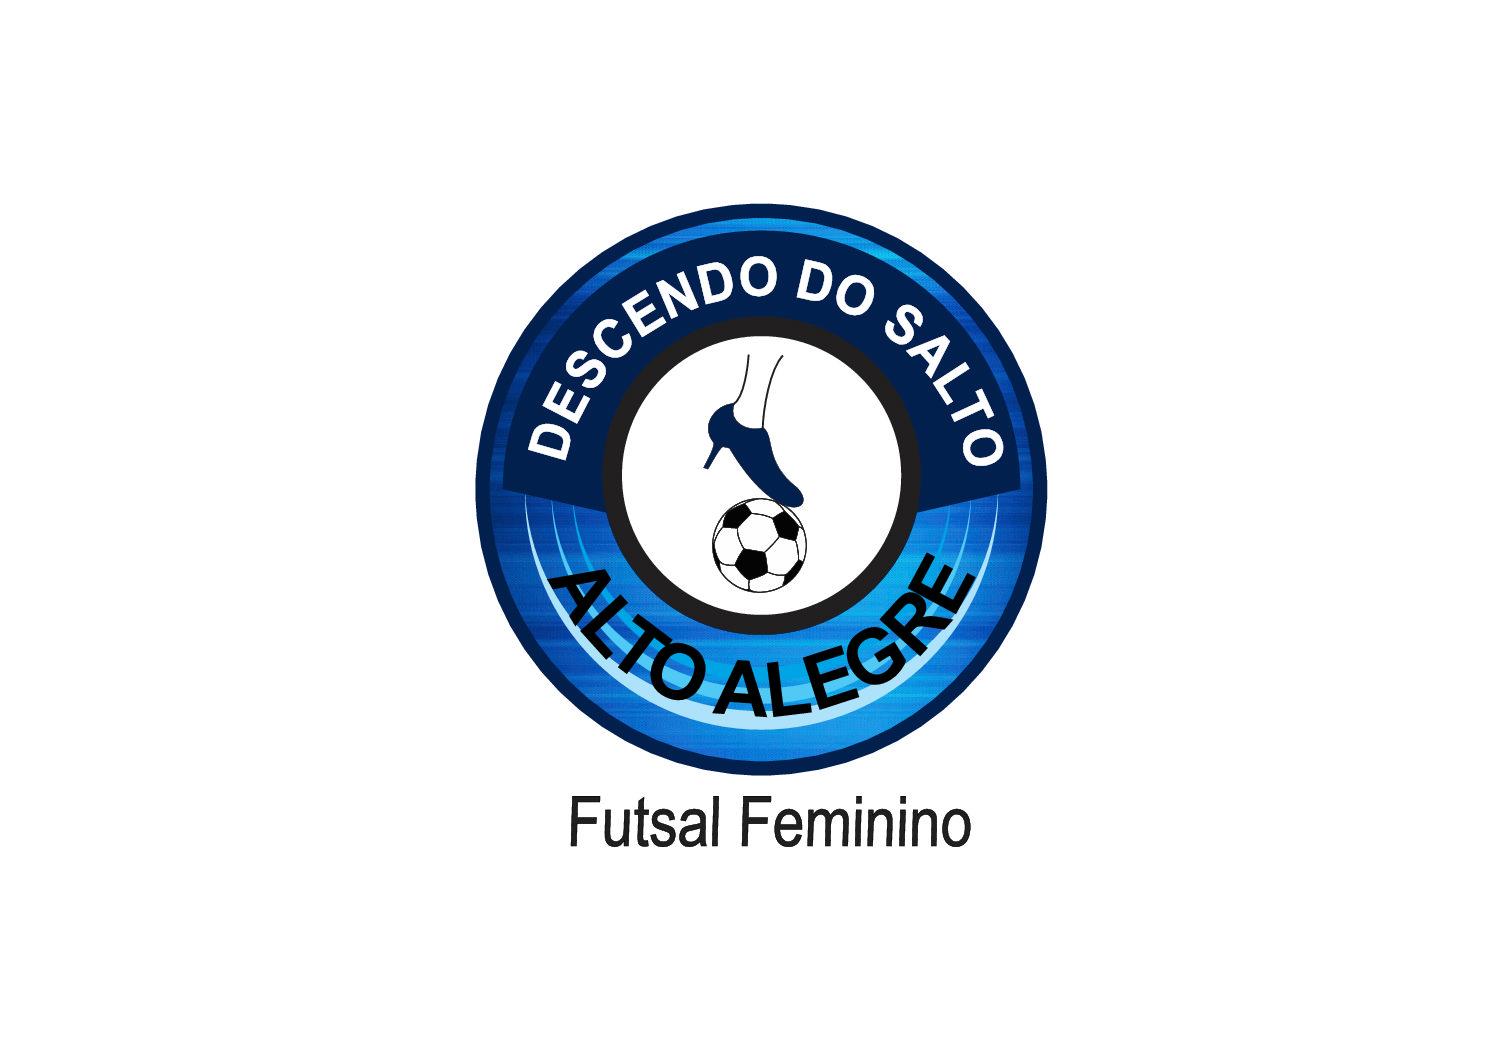 FARDAMENTO PARA EQUIPE DESCENDO DO SALTO DE FUTSAL FEMININO DE ALTO ALEGRE/RS.